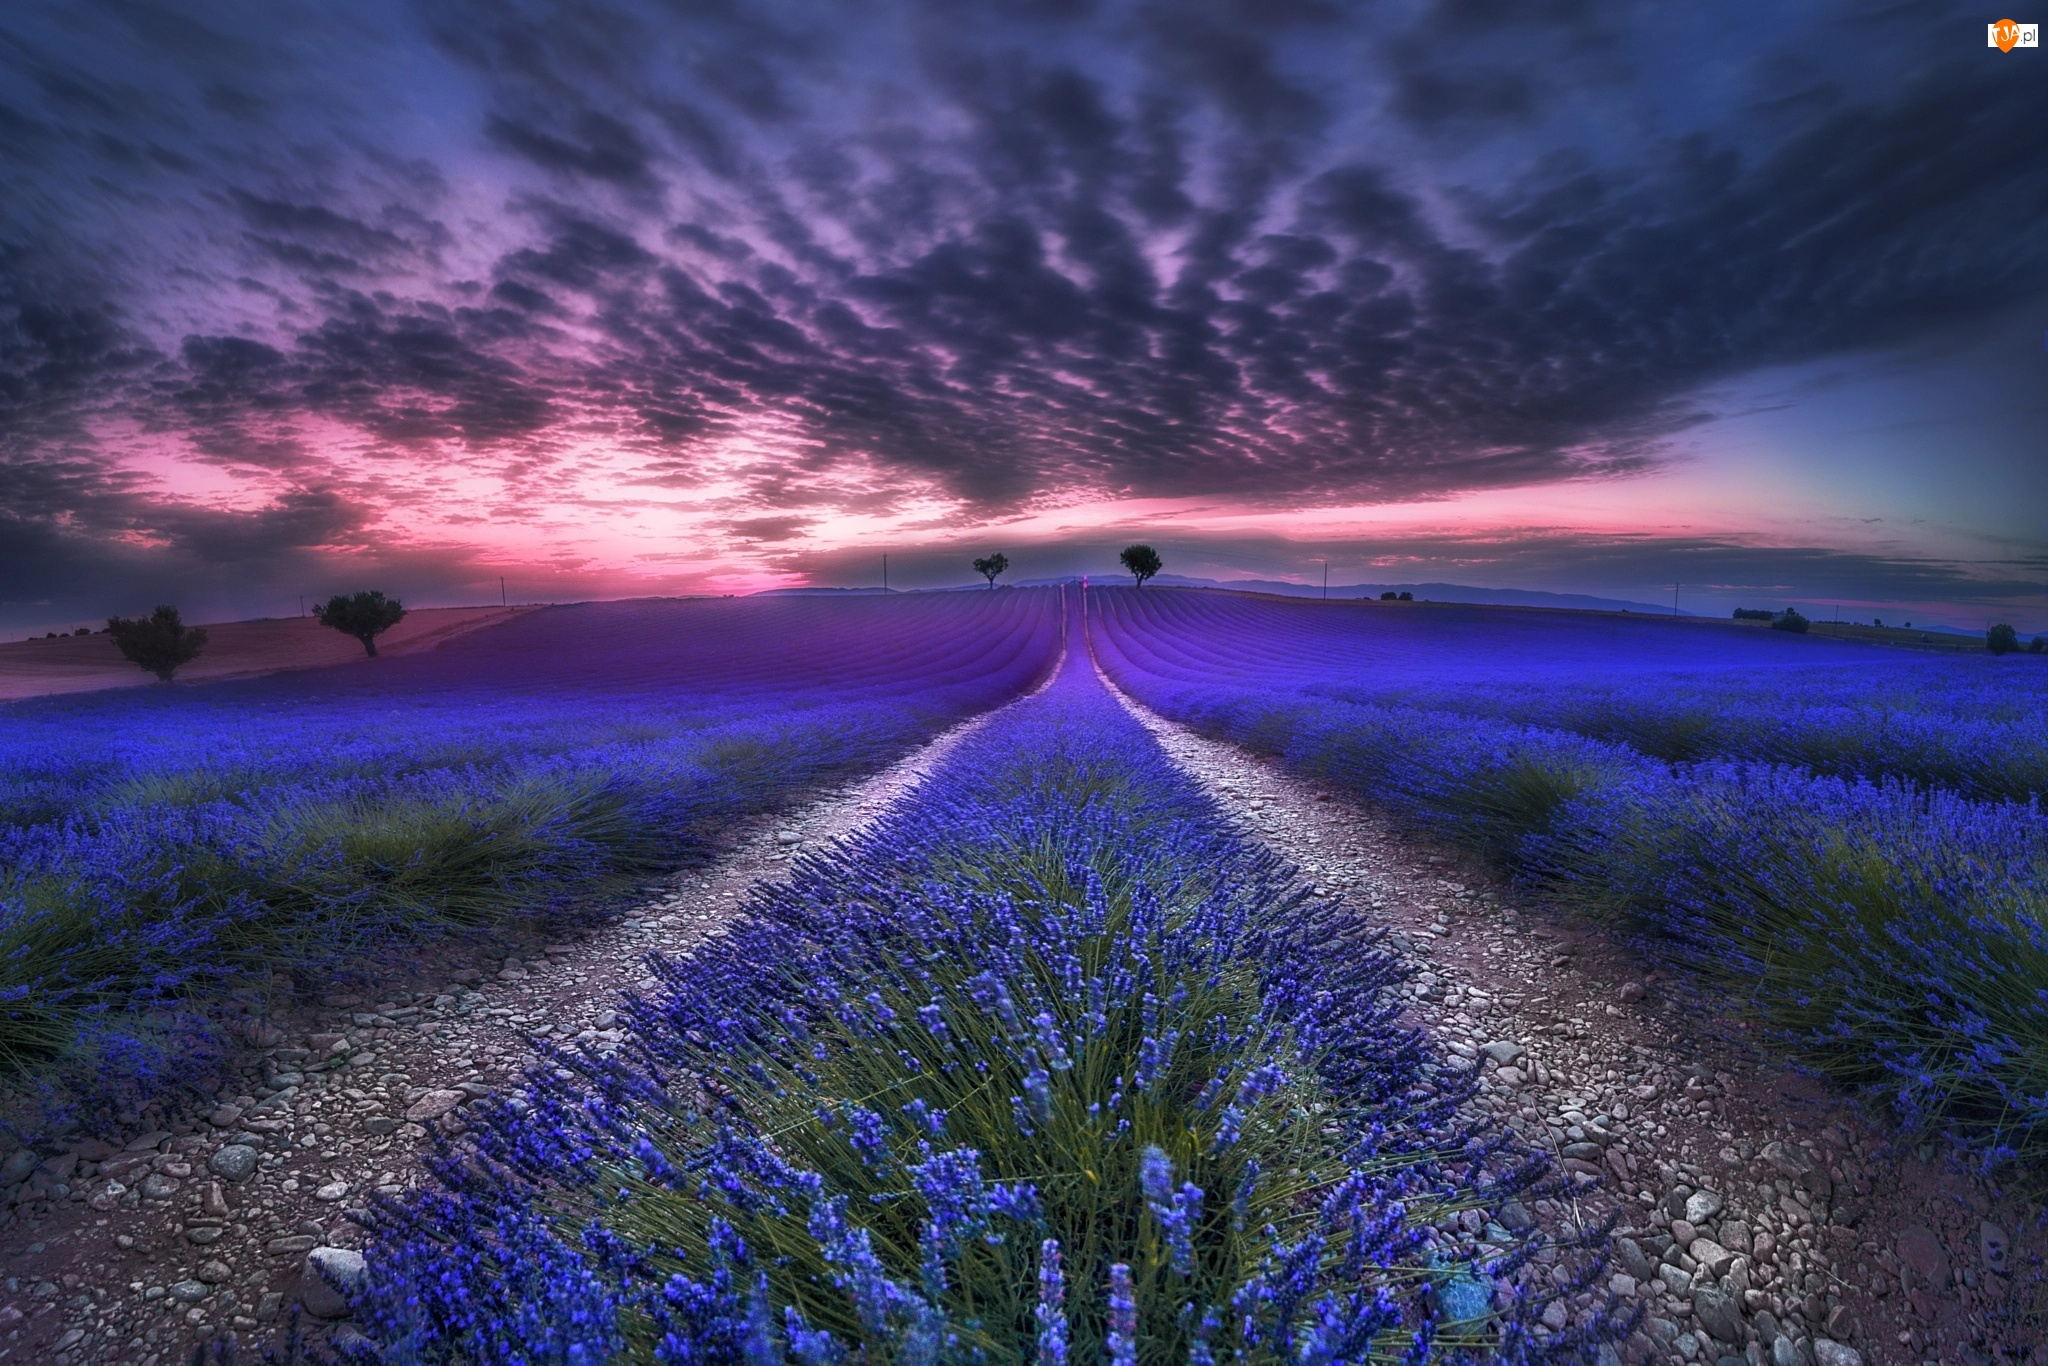 Miejscowość Valensole, Zachód słońca, Lawenda, Prowansja, Chmury, Drzewa, Francja, Pole